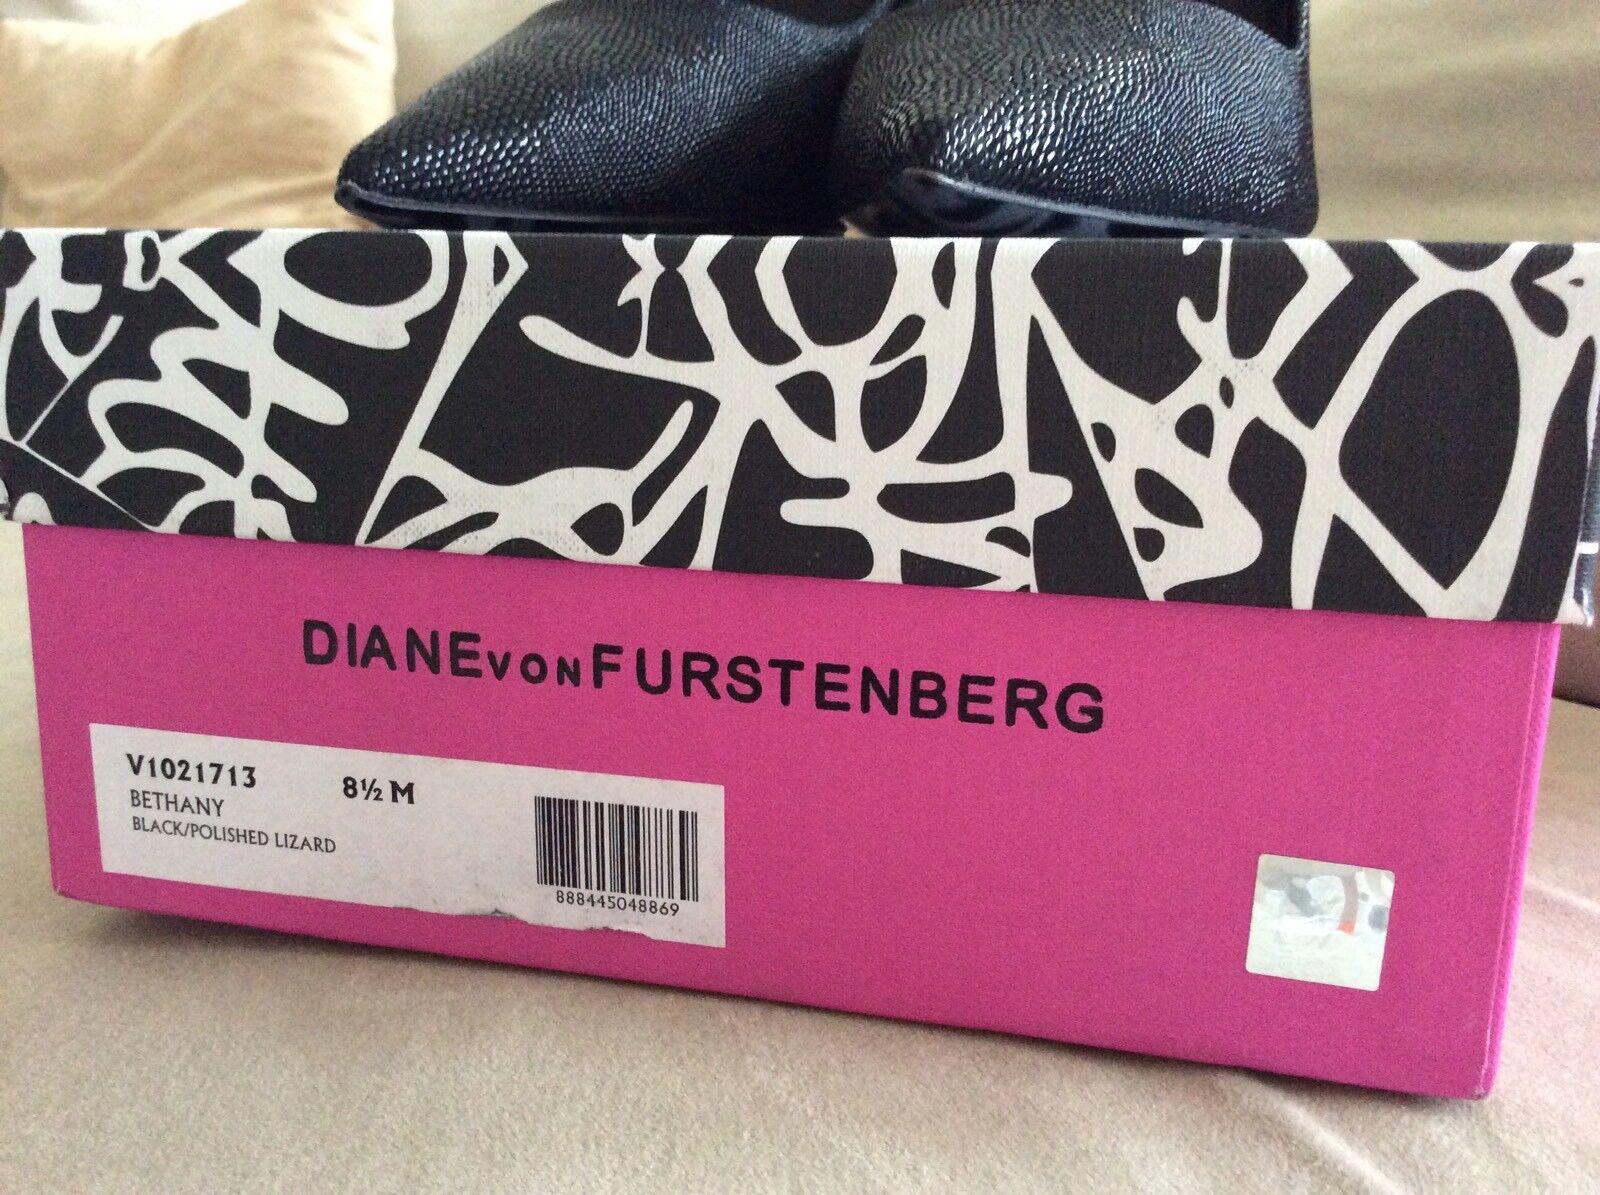 NP ,Neu,Pumps, High Heels Diane von Furstenberg,Gr. Furstenberg,Gr. Furstenberg,Gr. 8,5, 39, 9,40 Fürstenberg d1fa30